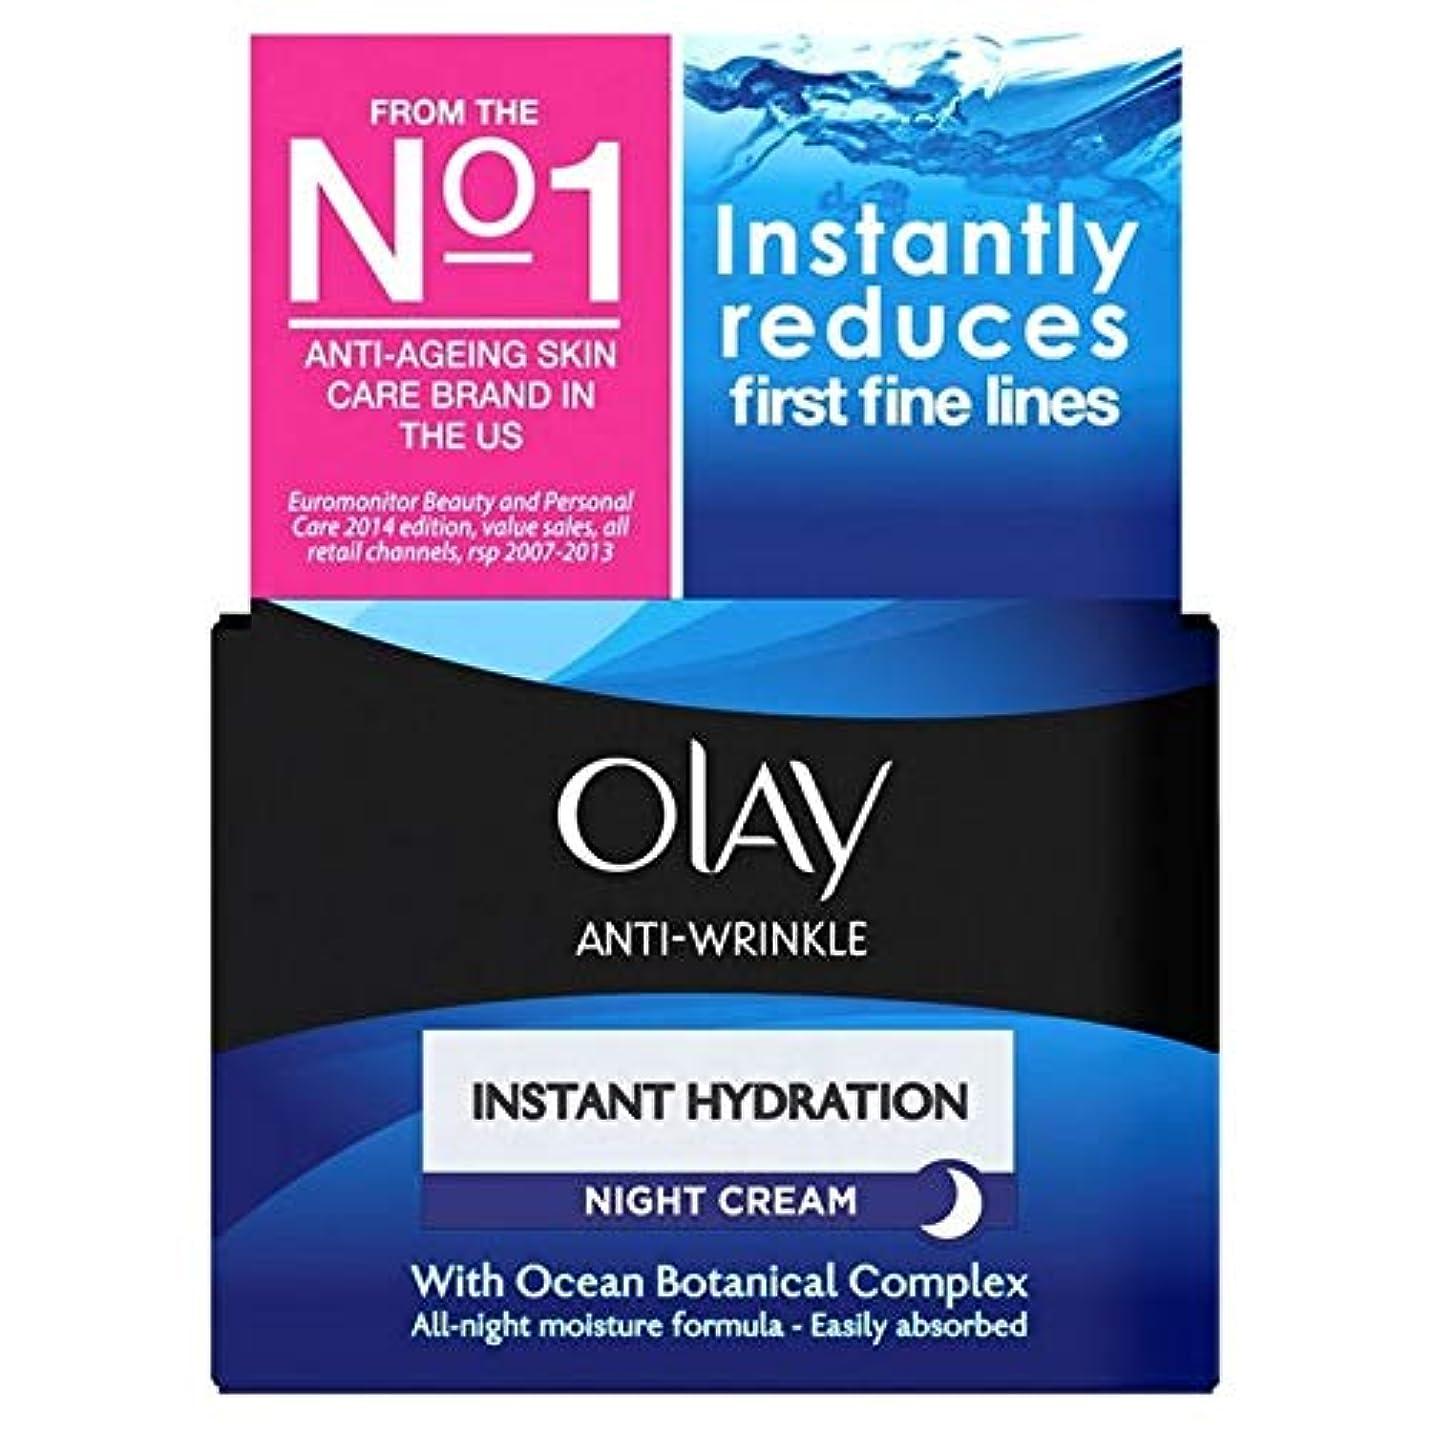 電話する悲しいことにクライストチャーチ[Olay ] オーレイ抗しわインスタント水和保湿ナイトクリーム50ミリリットル - Olay Anti-Wrinkle Instant Hydration Moisturiser Night Cream 50ml [並行輸入品]